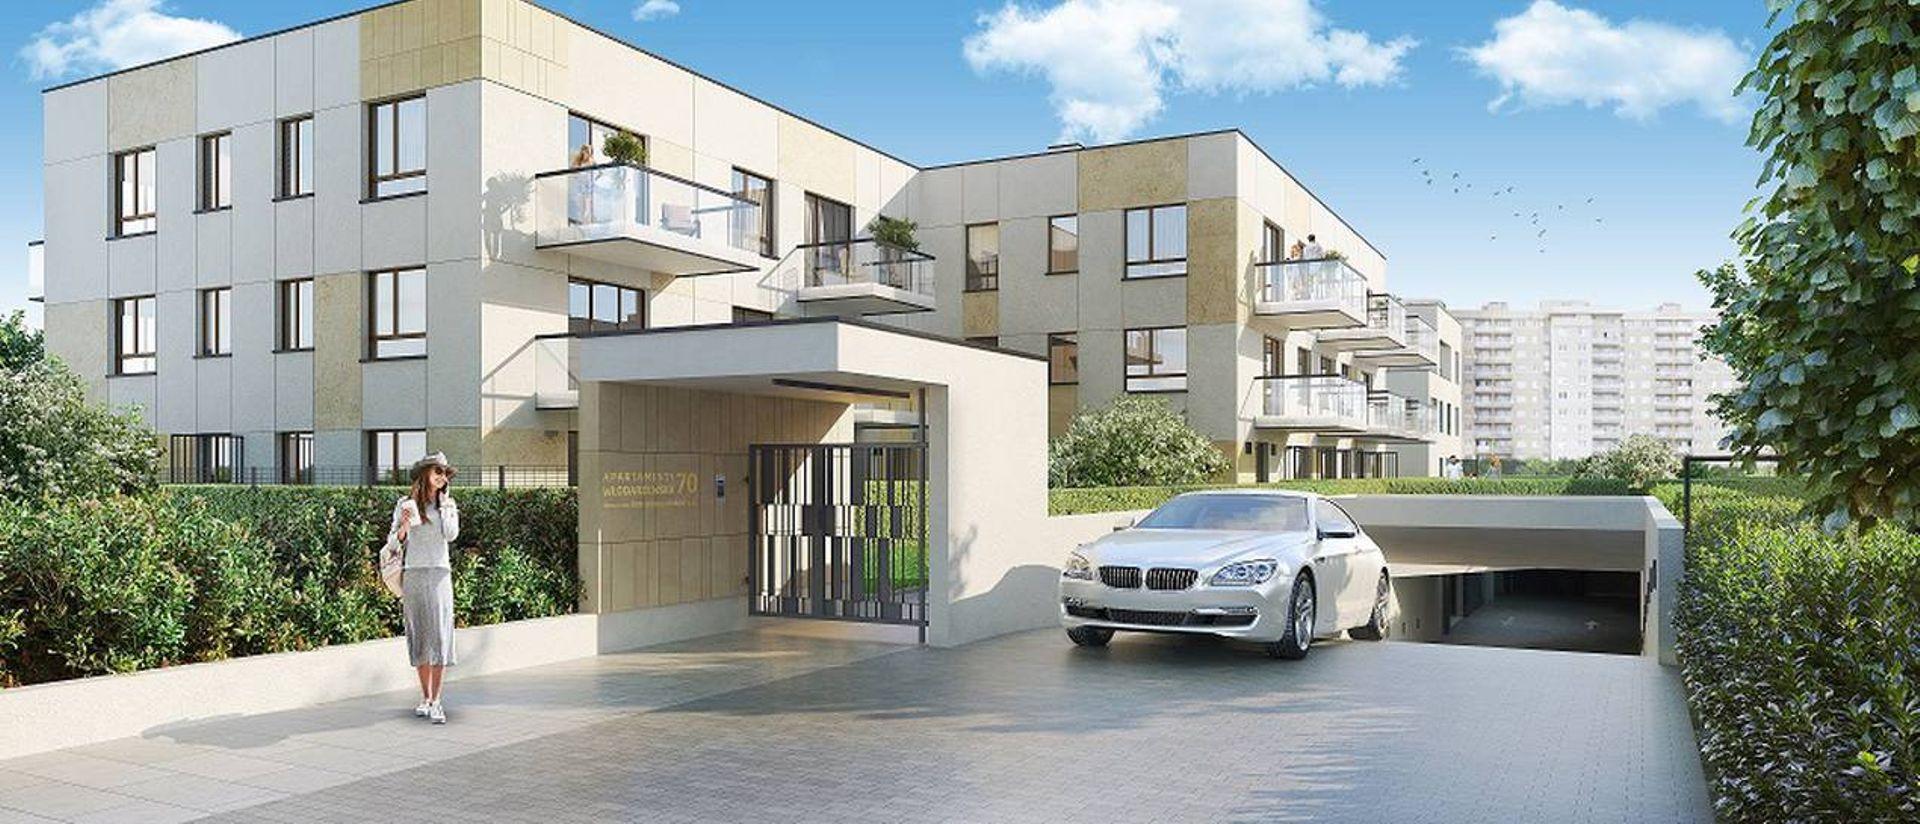 Włodarzewska 70 – Dom Development stawia na Ochocie wille miejskie w stylu dawnej Warszawy i nowoczesnej estetyki